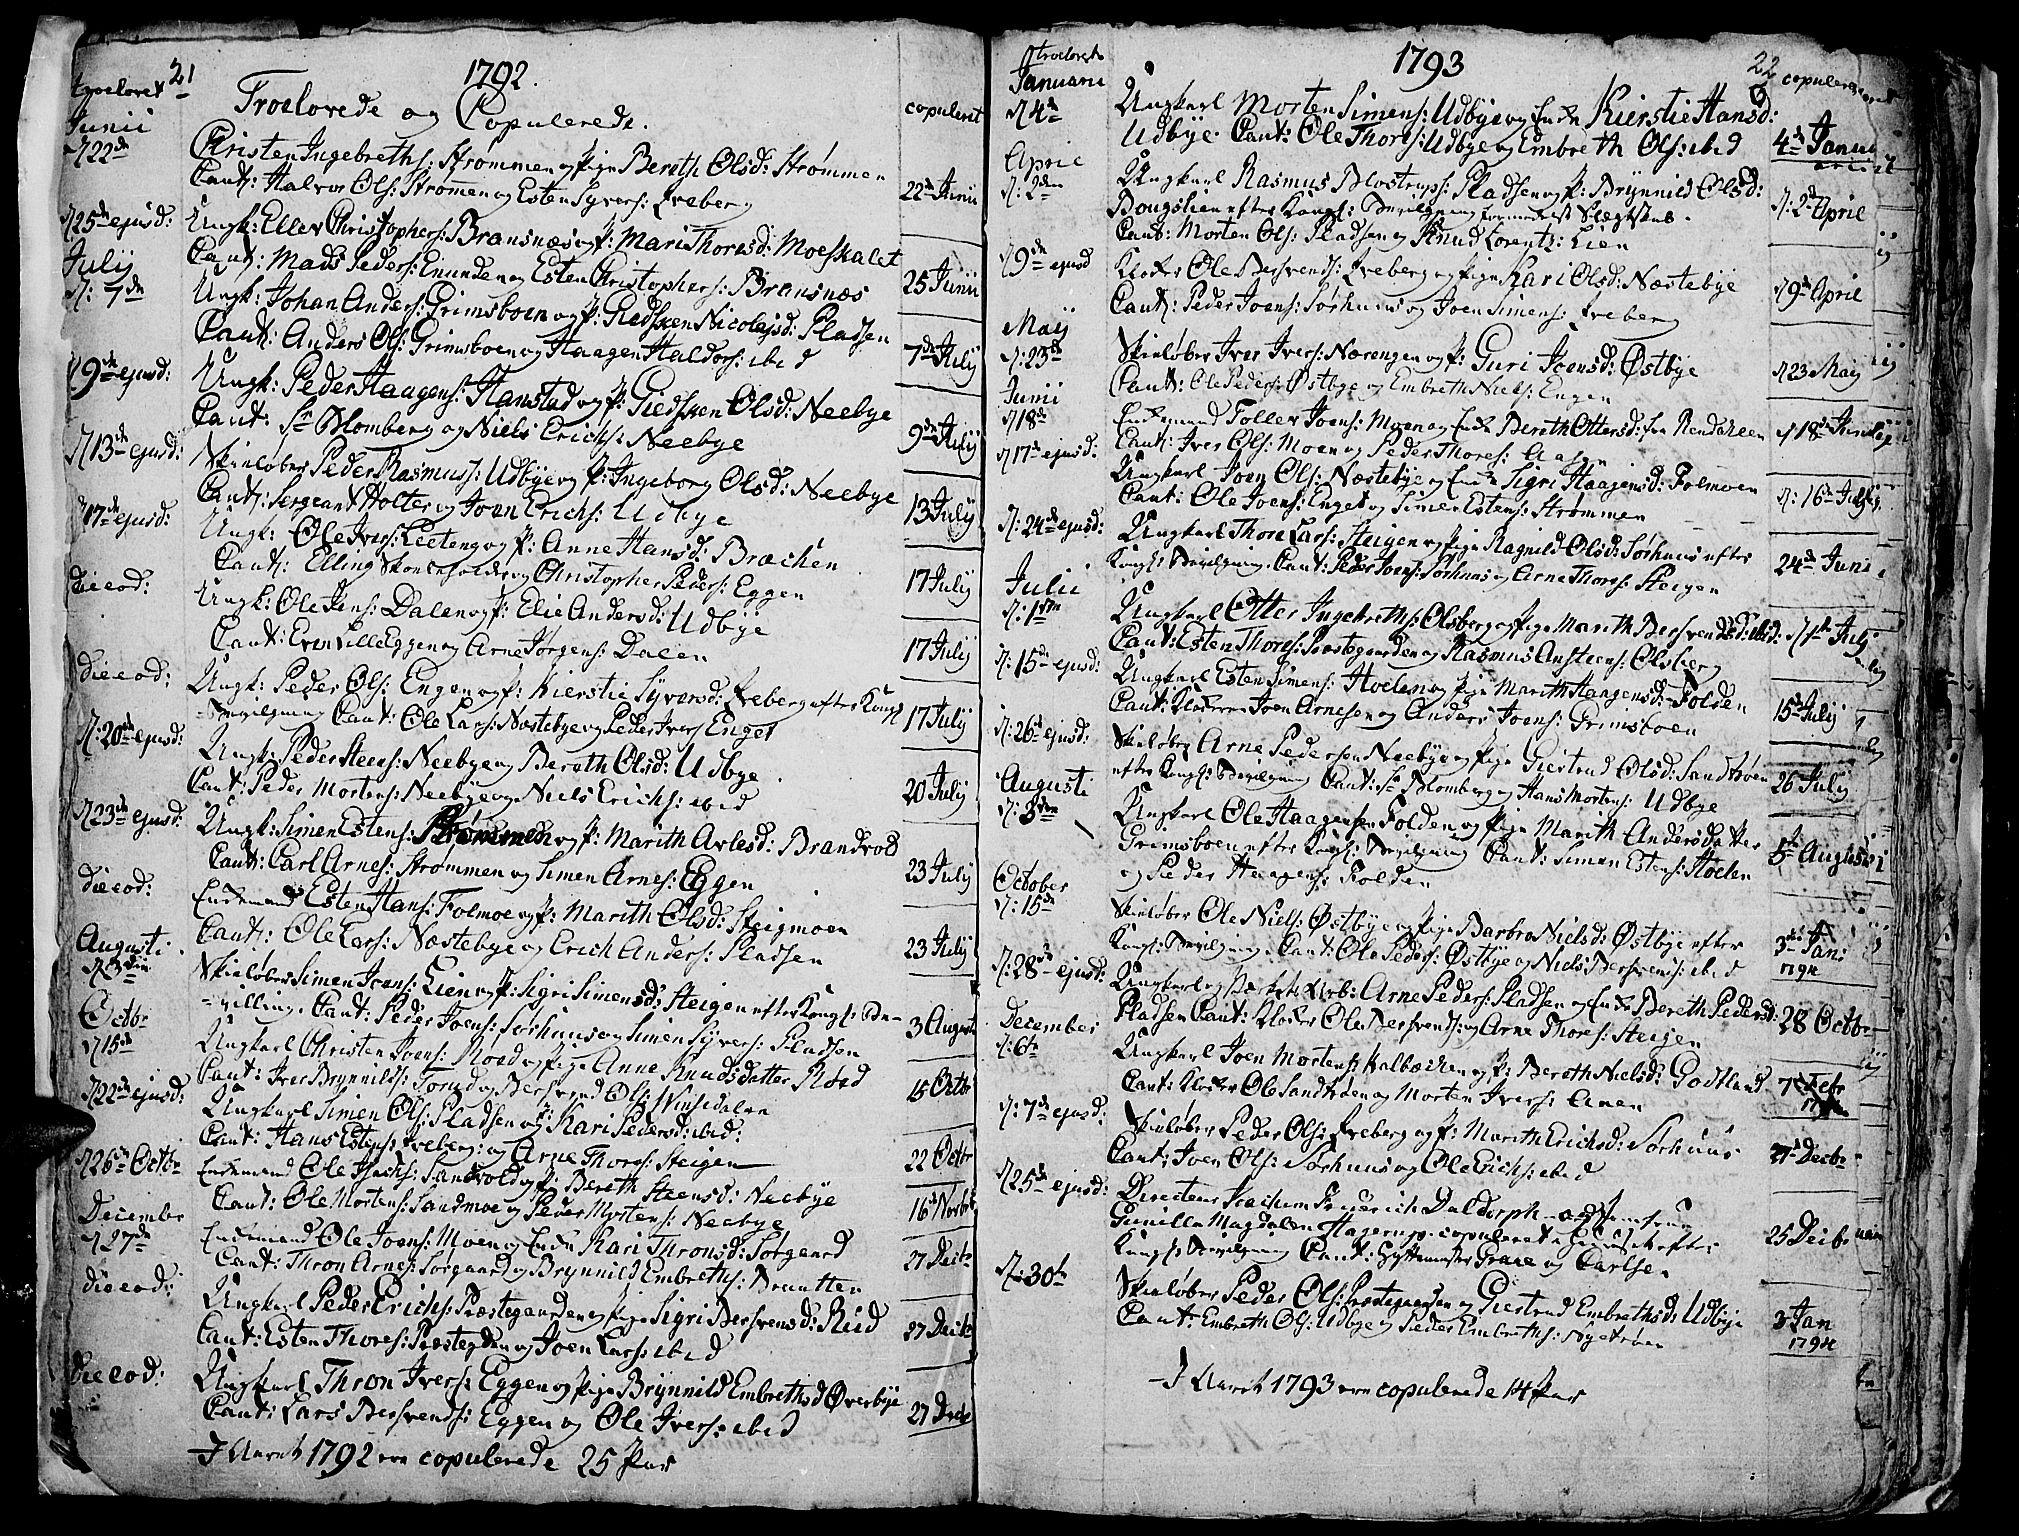 SAH, Tynset prestekontor, Parish register (official) no. 14, 1790-1800, p. 21-22